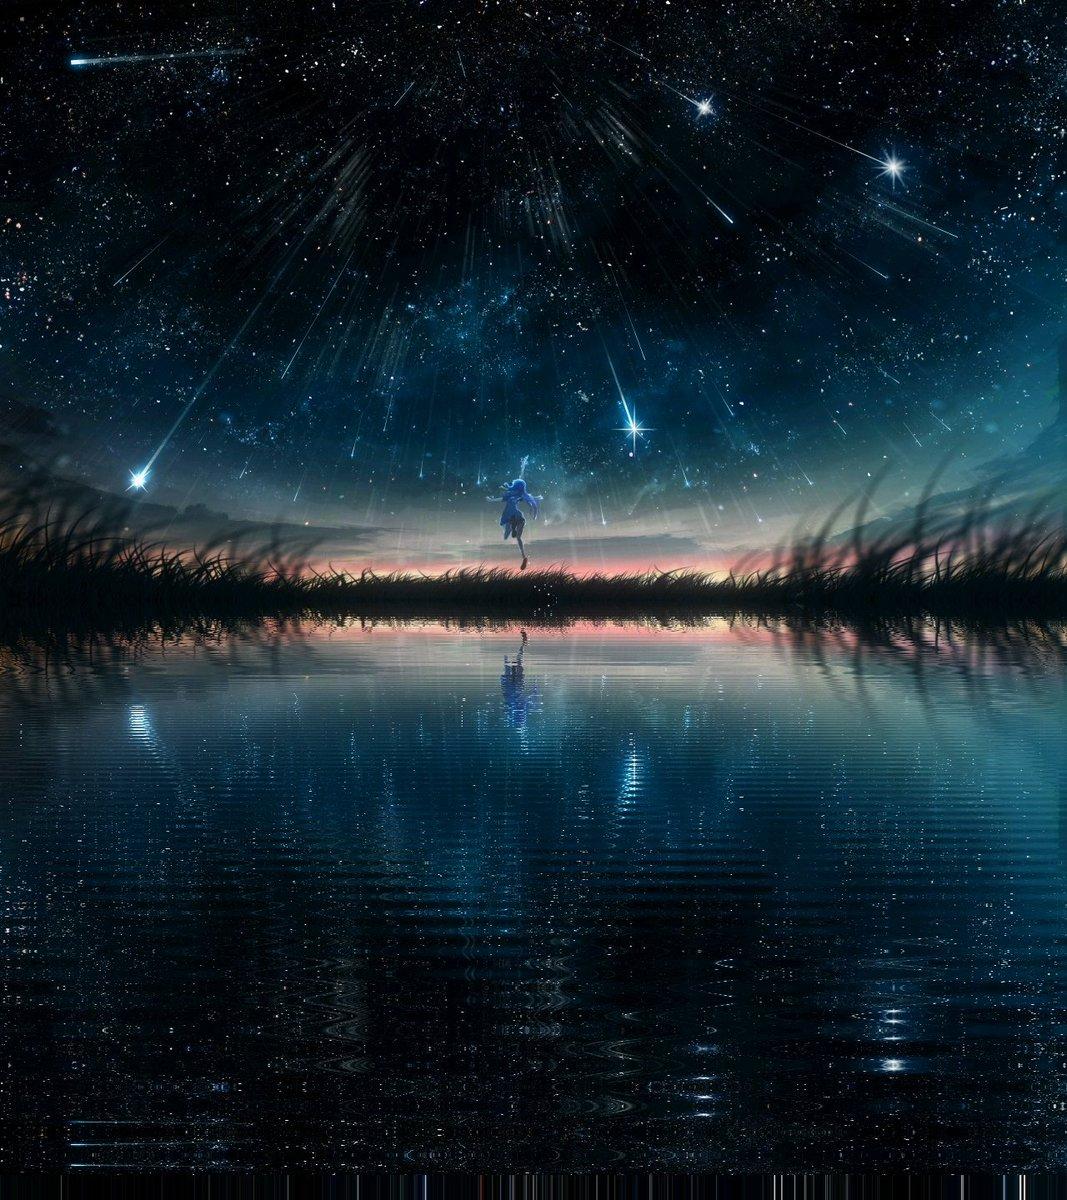 отражение ночи картинки будущего это